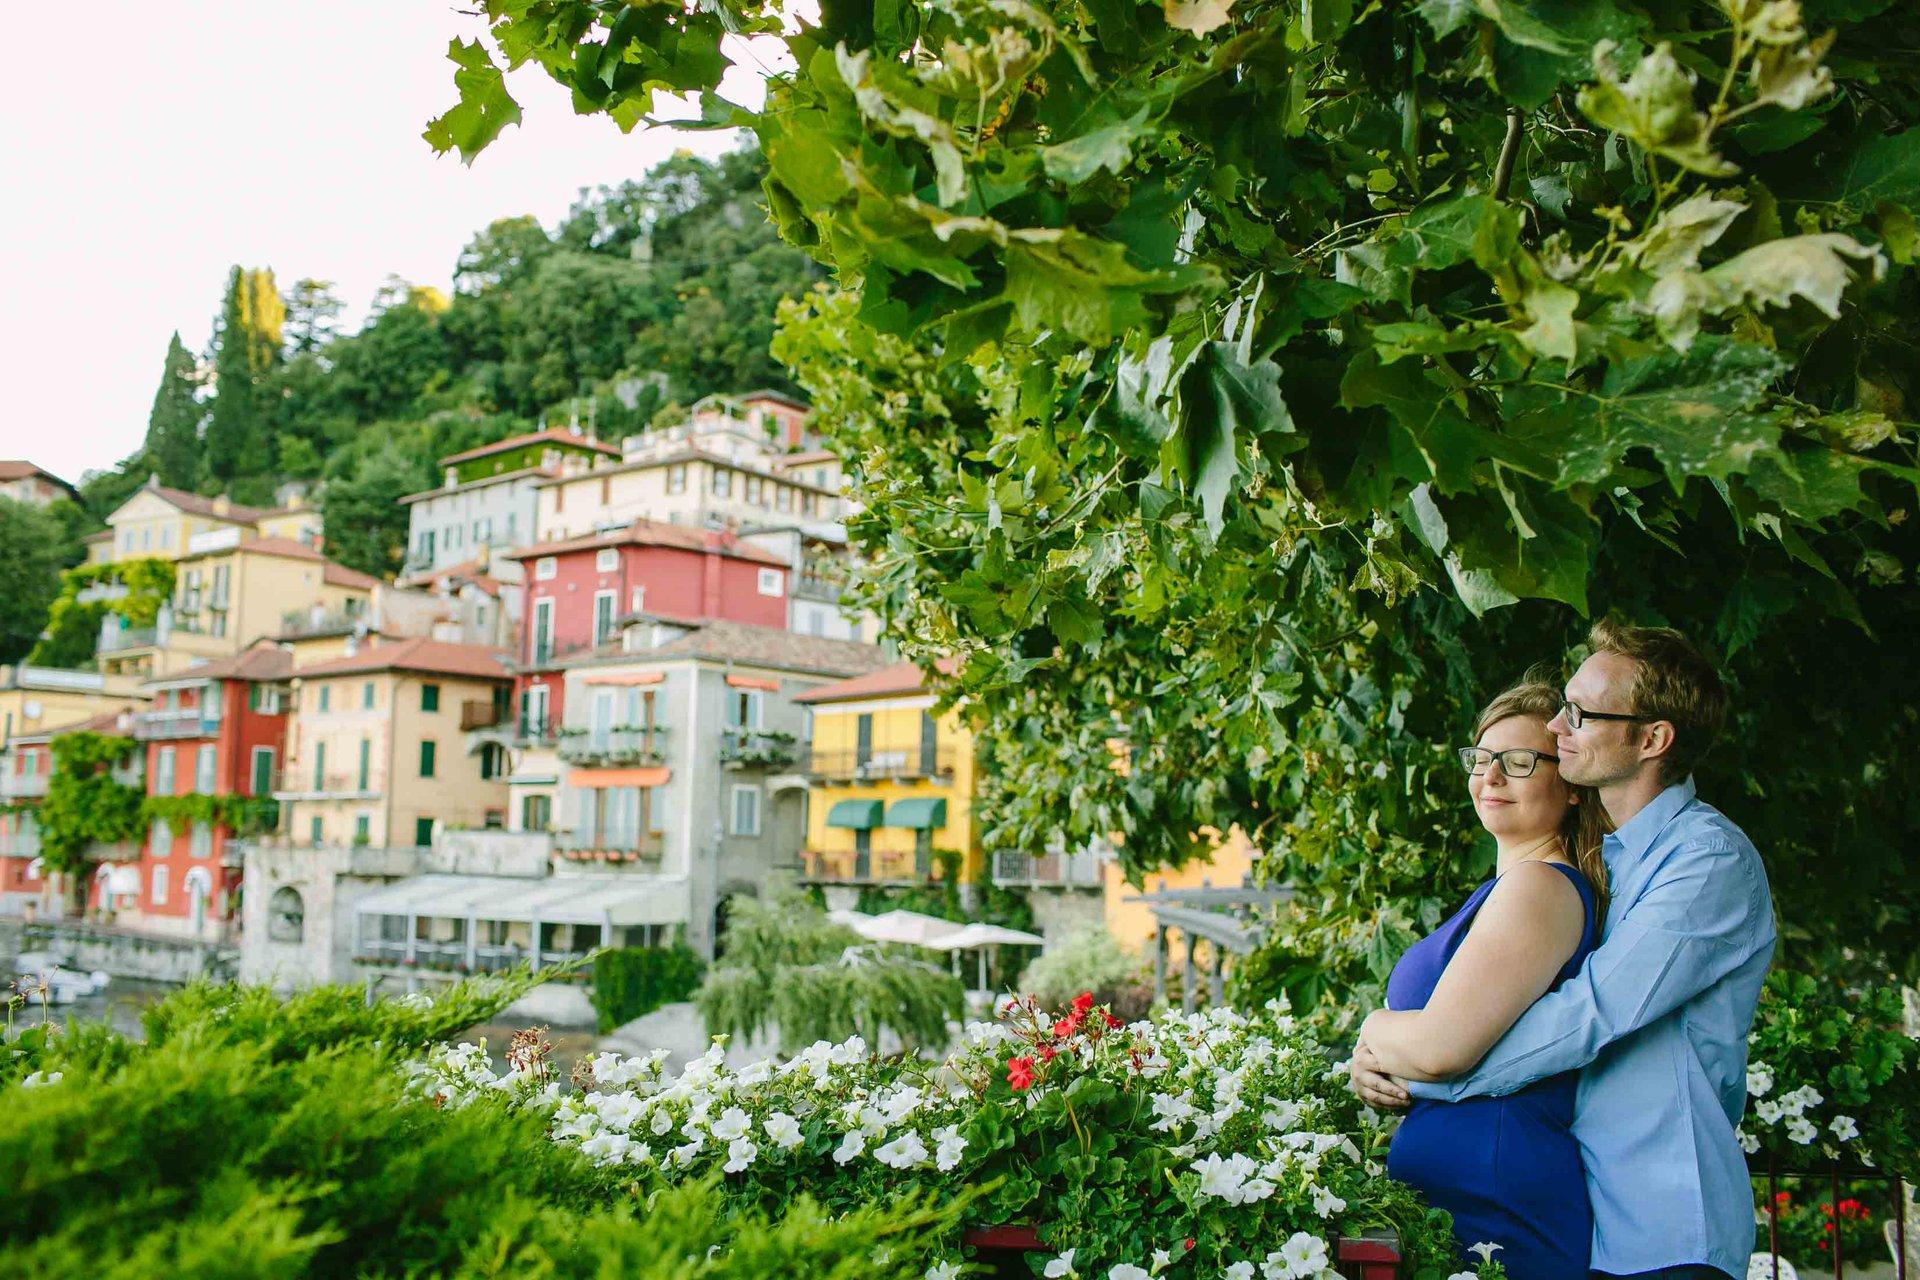 Marian's Portfolio - Image 14